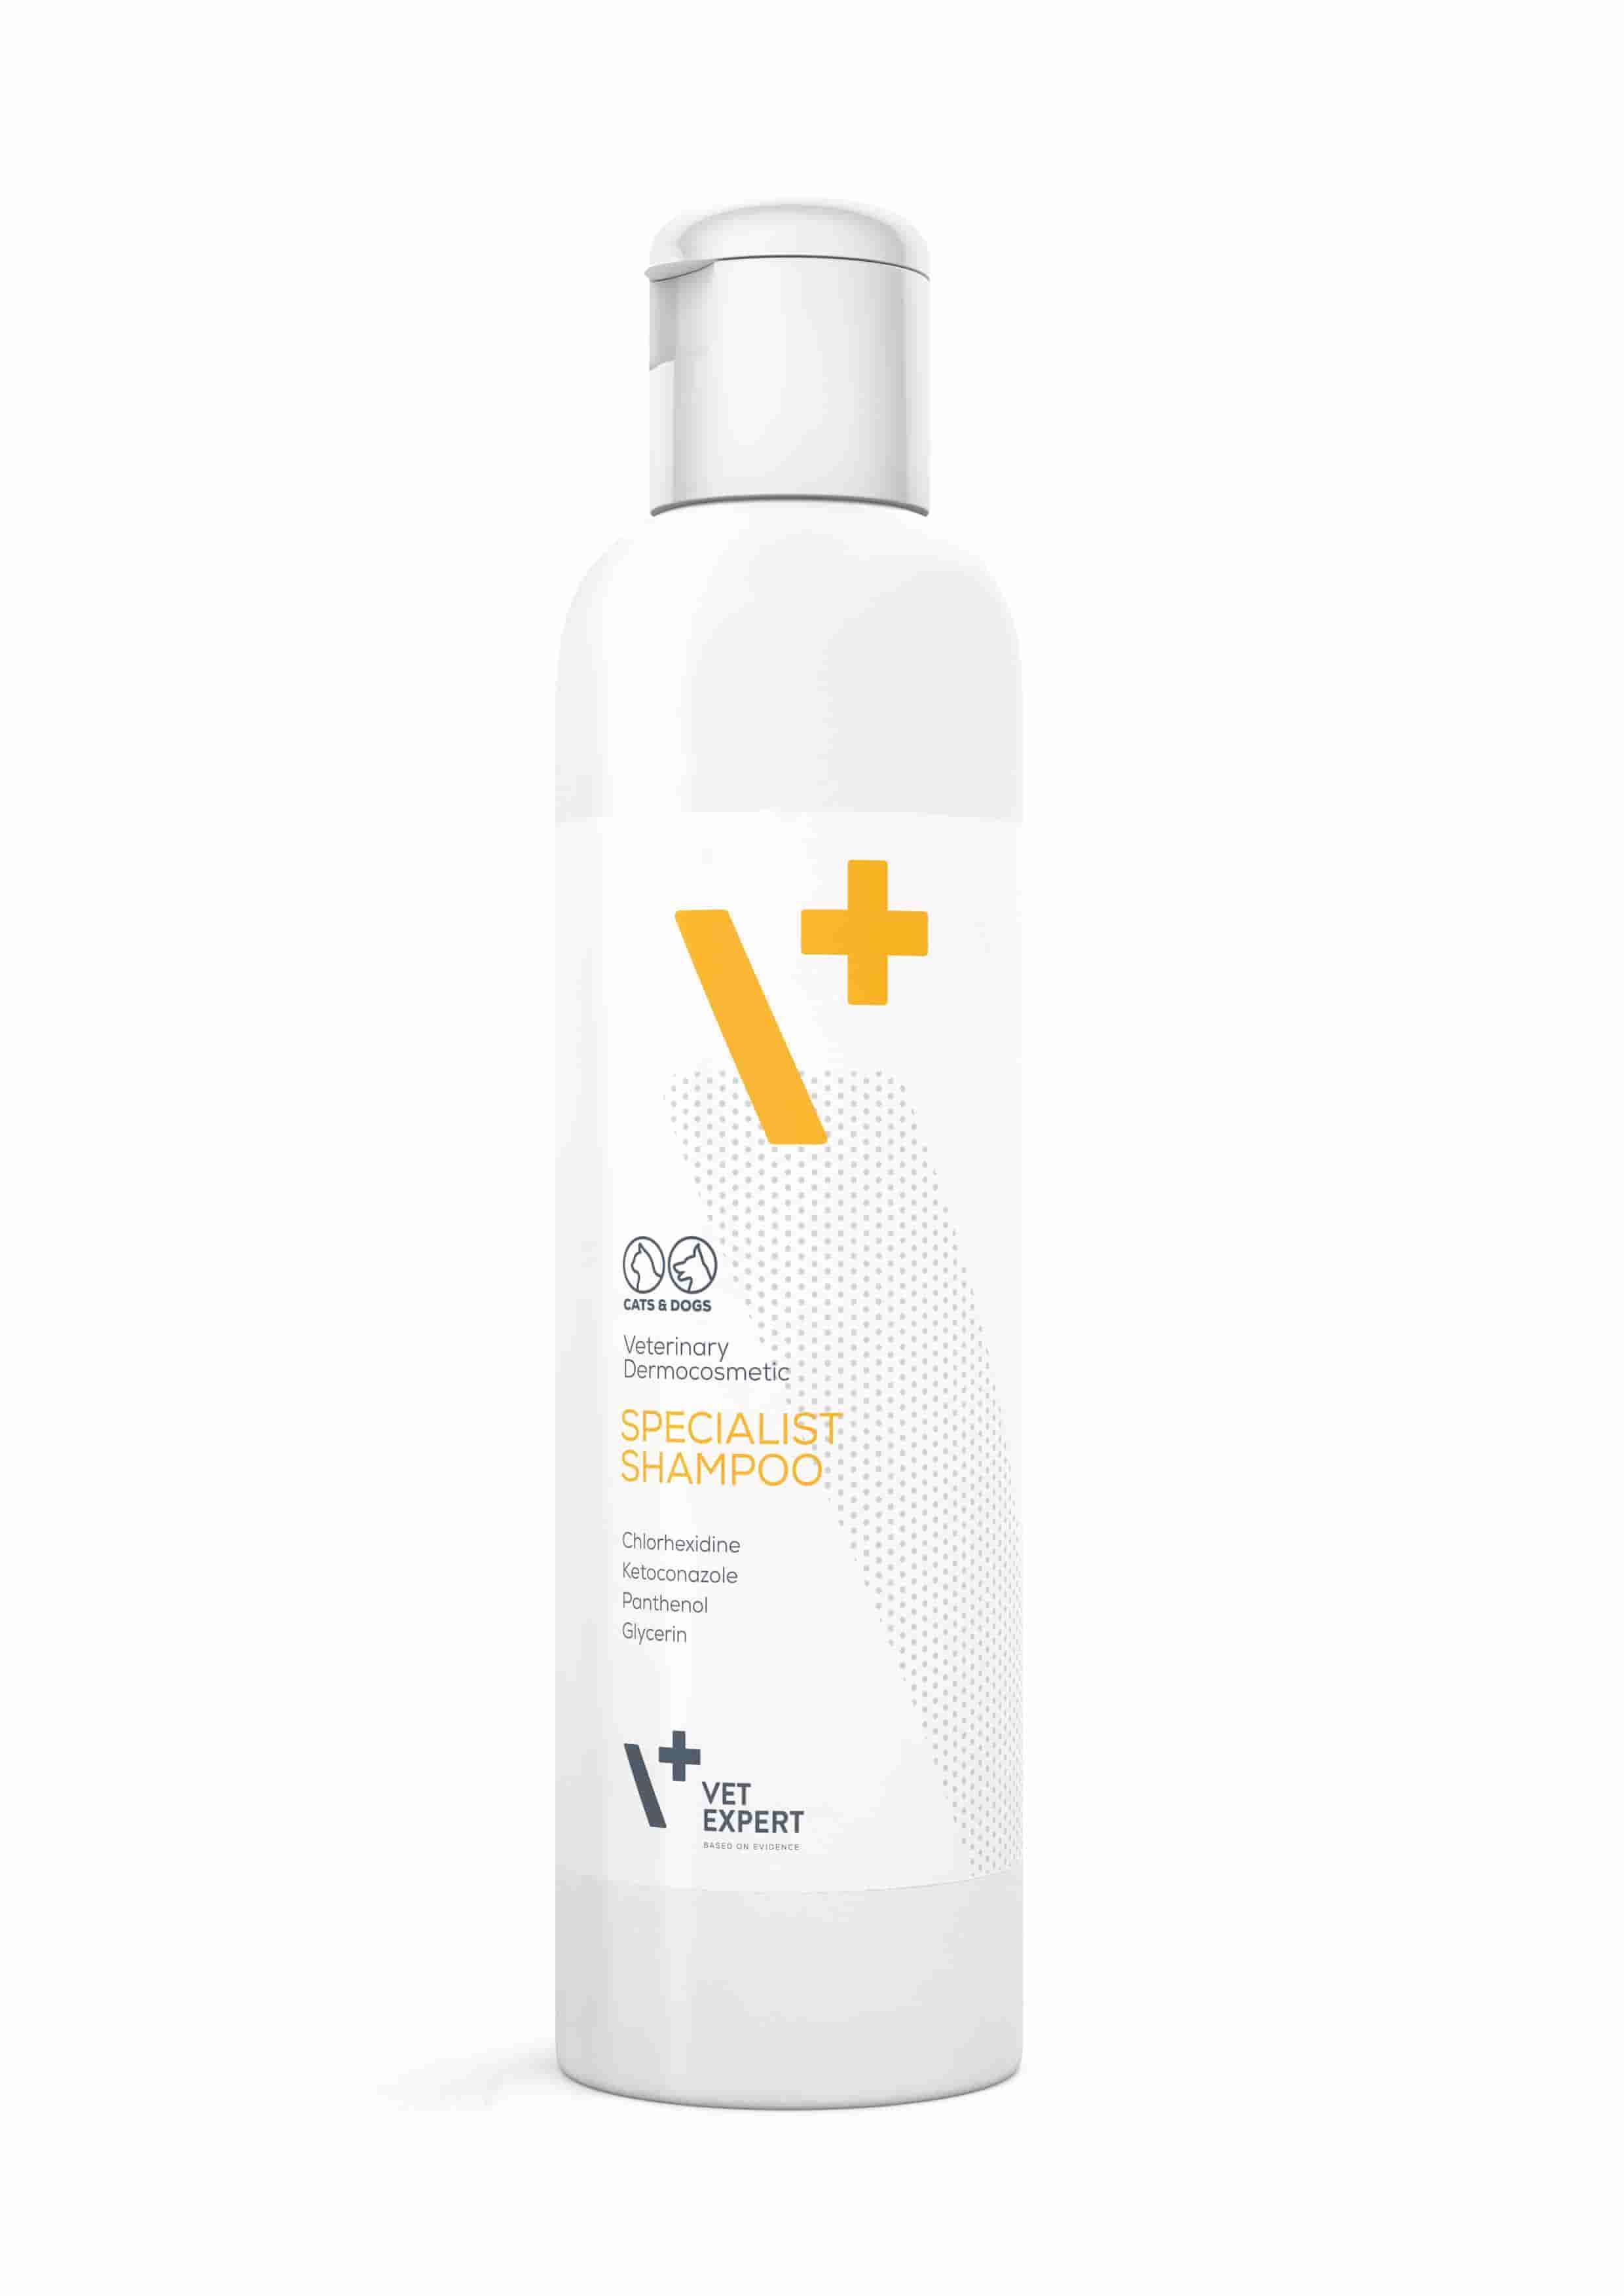 VetExpert Specialist Shampoo – антибактериальный противогрибковый шампунь для котов и собак